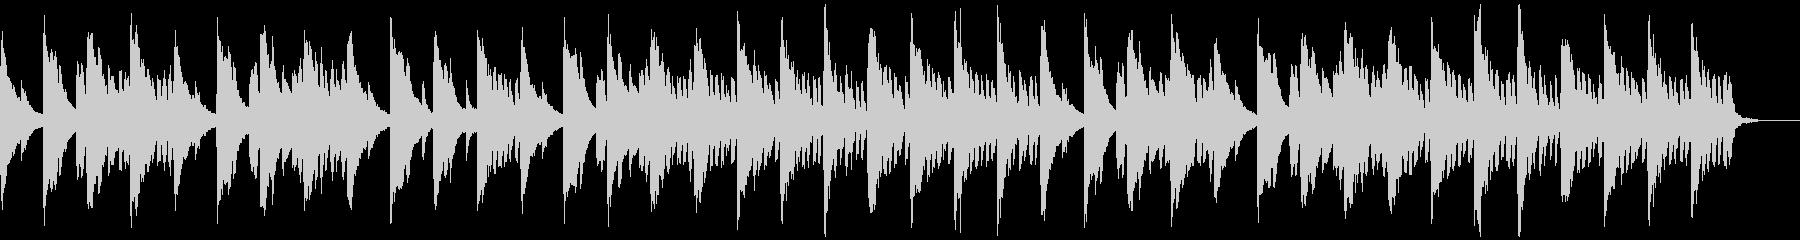 メロディとコードのシンプルなピアノ1の未再生の波形